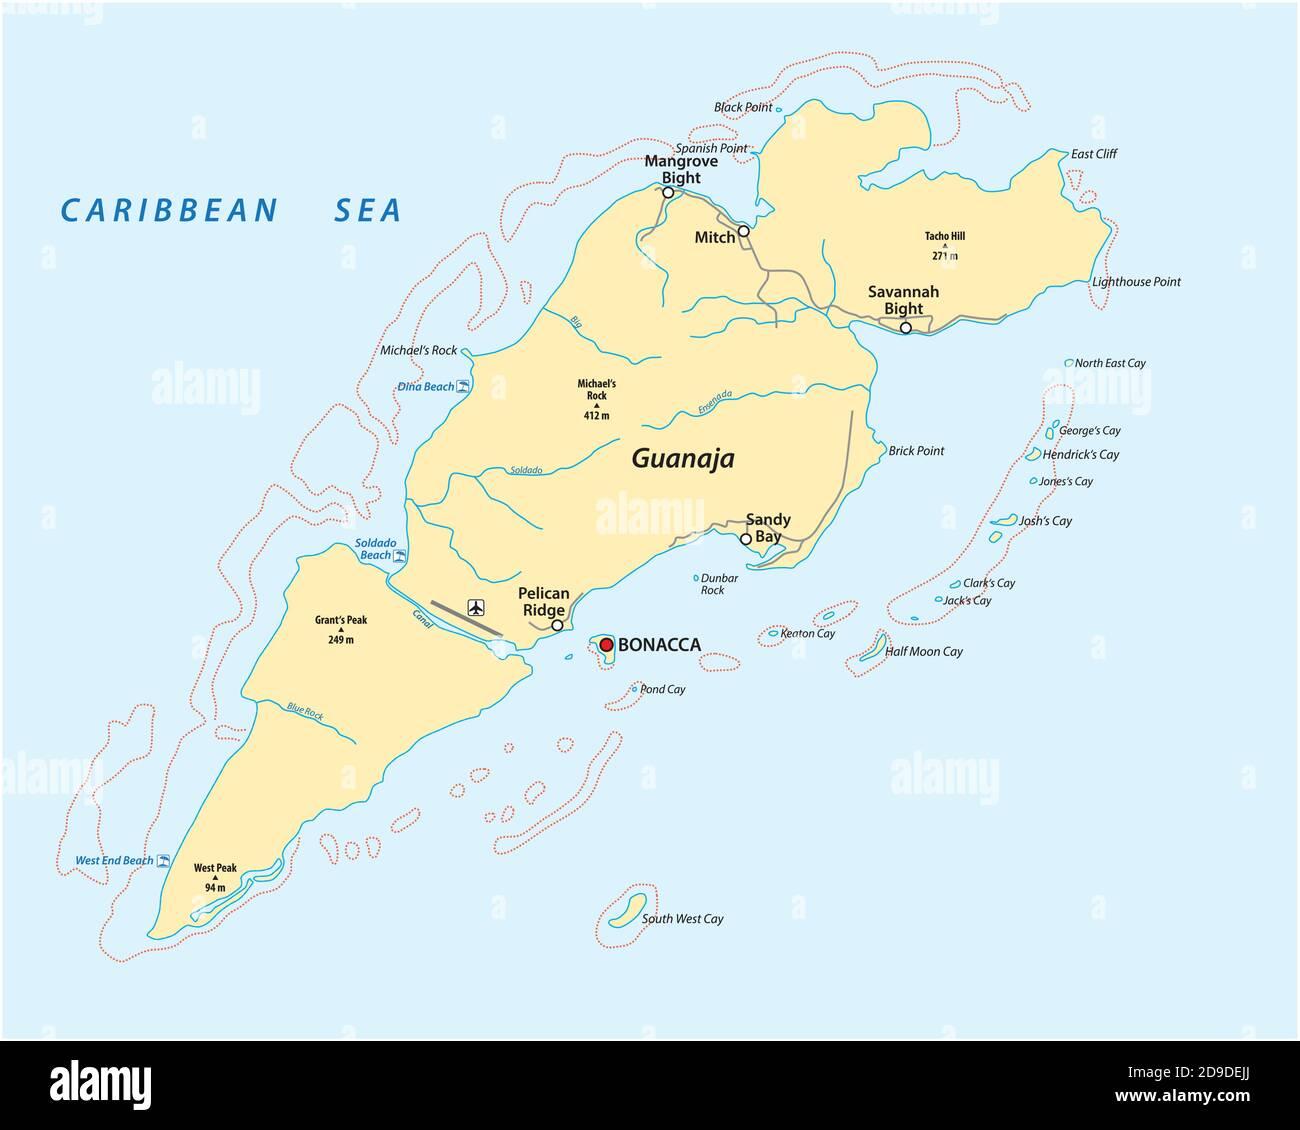 Mapa vectorial de la isla caribeña hondureña de Guanaja, Honduras Ilustración del Vector